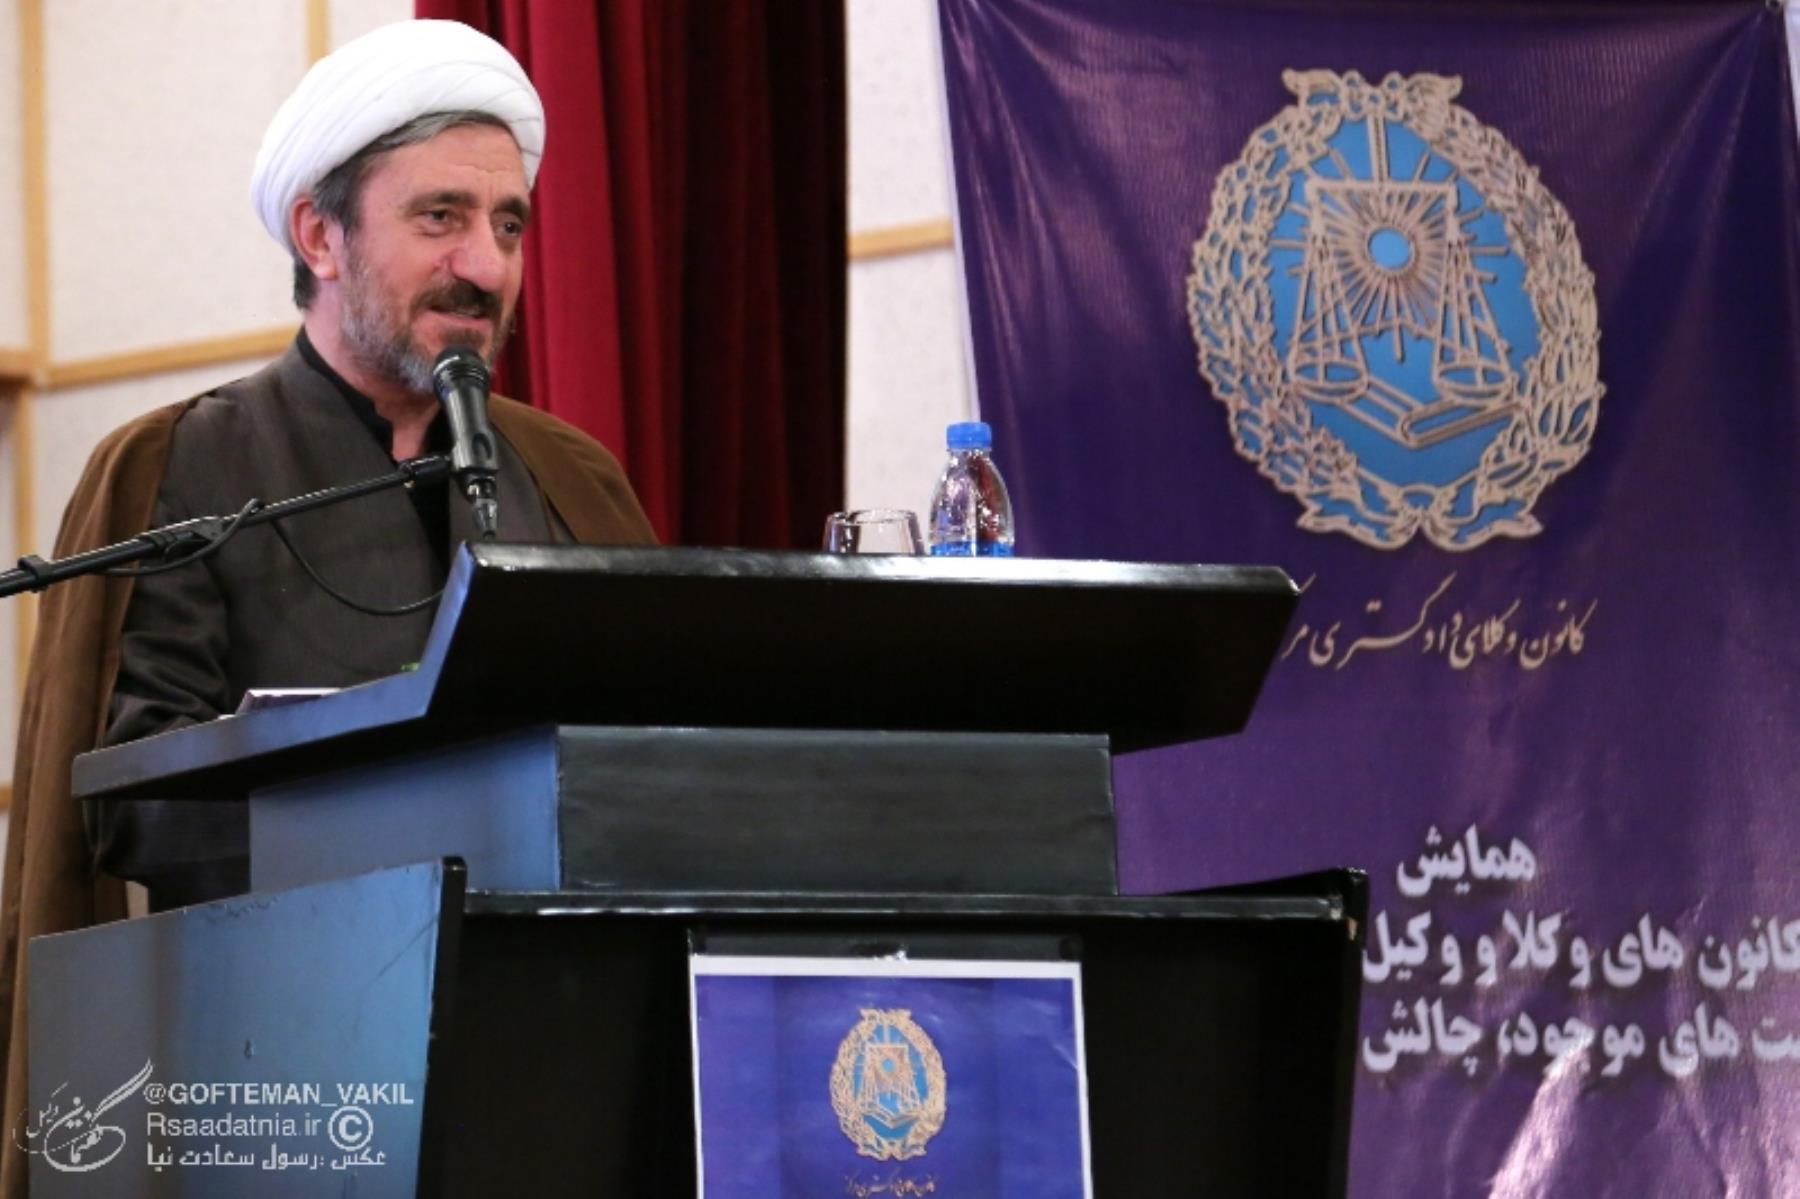 عبدلهی رئیس مرکز حفاظت و اطلاعات قوه قضائیه